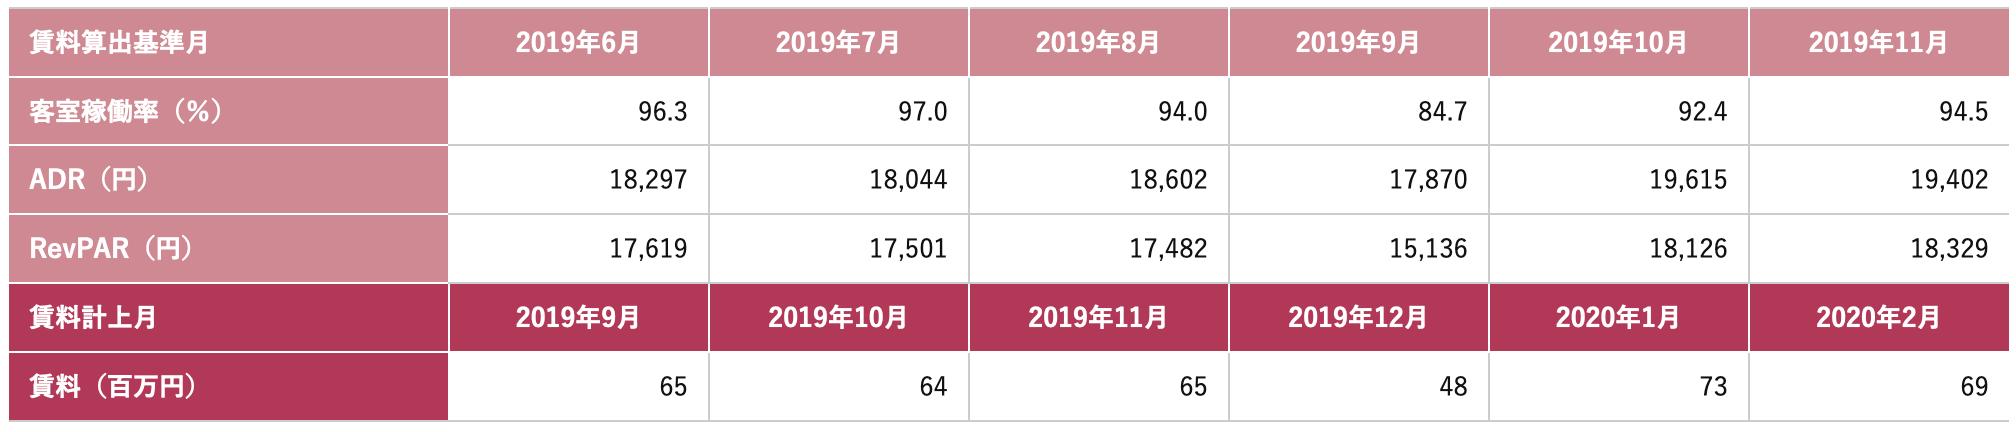 コートヤード・バイ・マリオット 新大阪ステーション運営実績(稼働率・ADR・RevPER・賃料について)